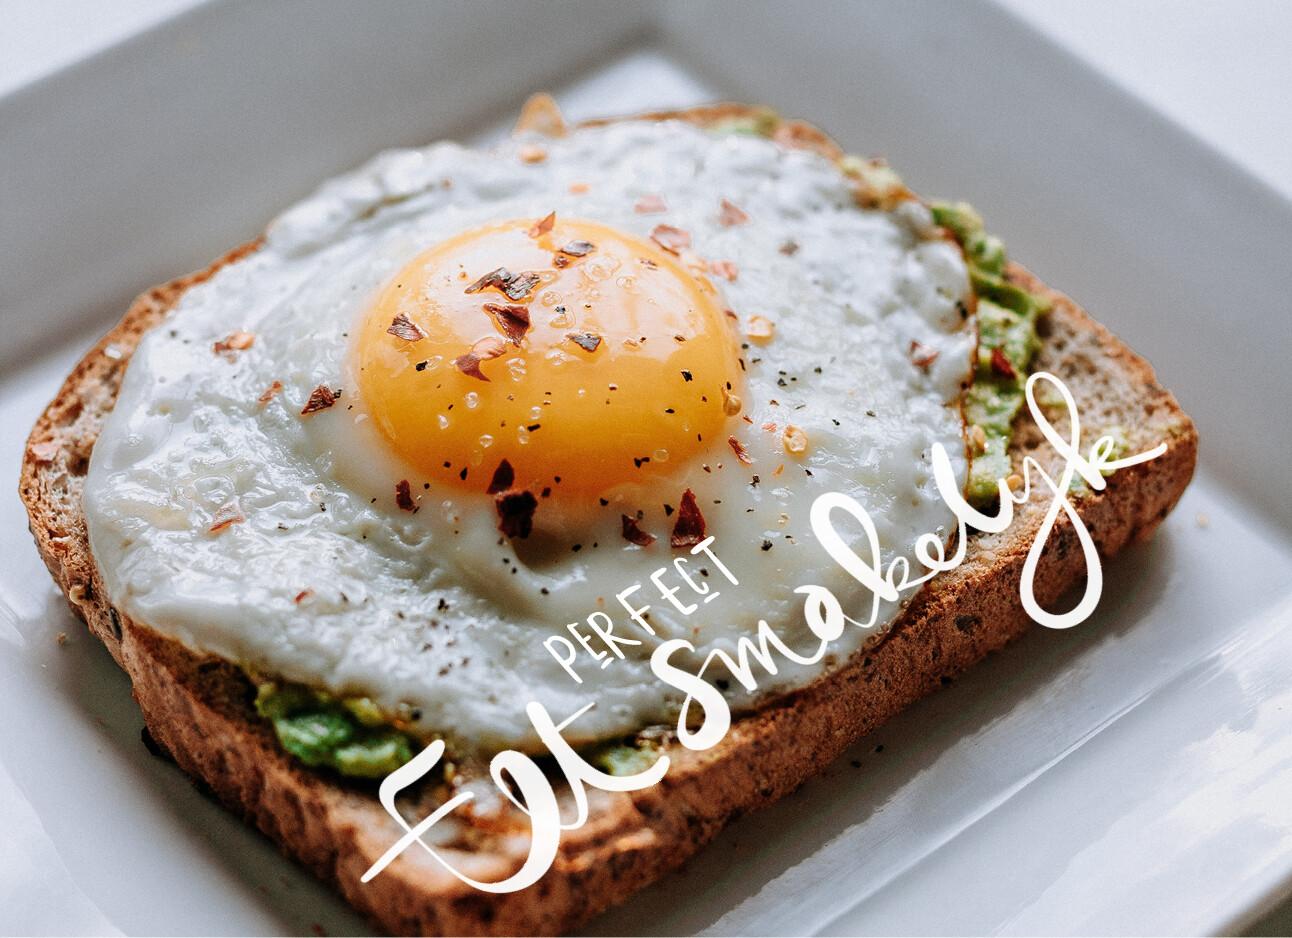 gebakken ei op boterham